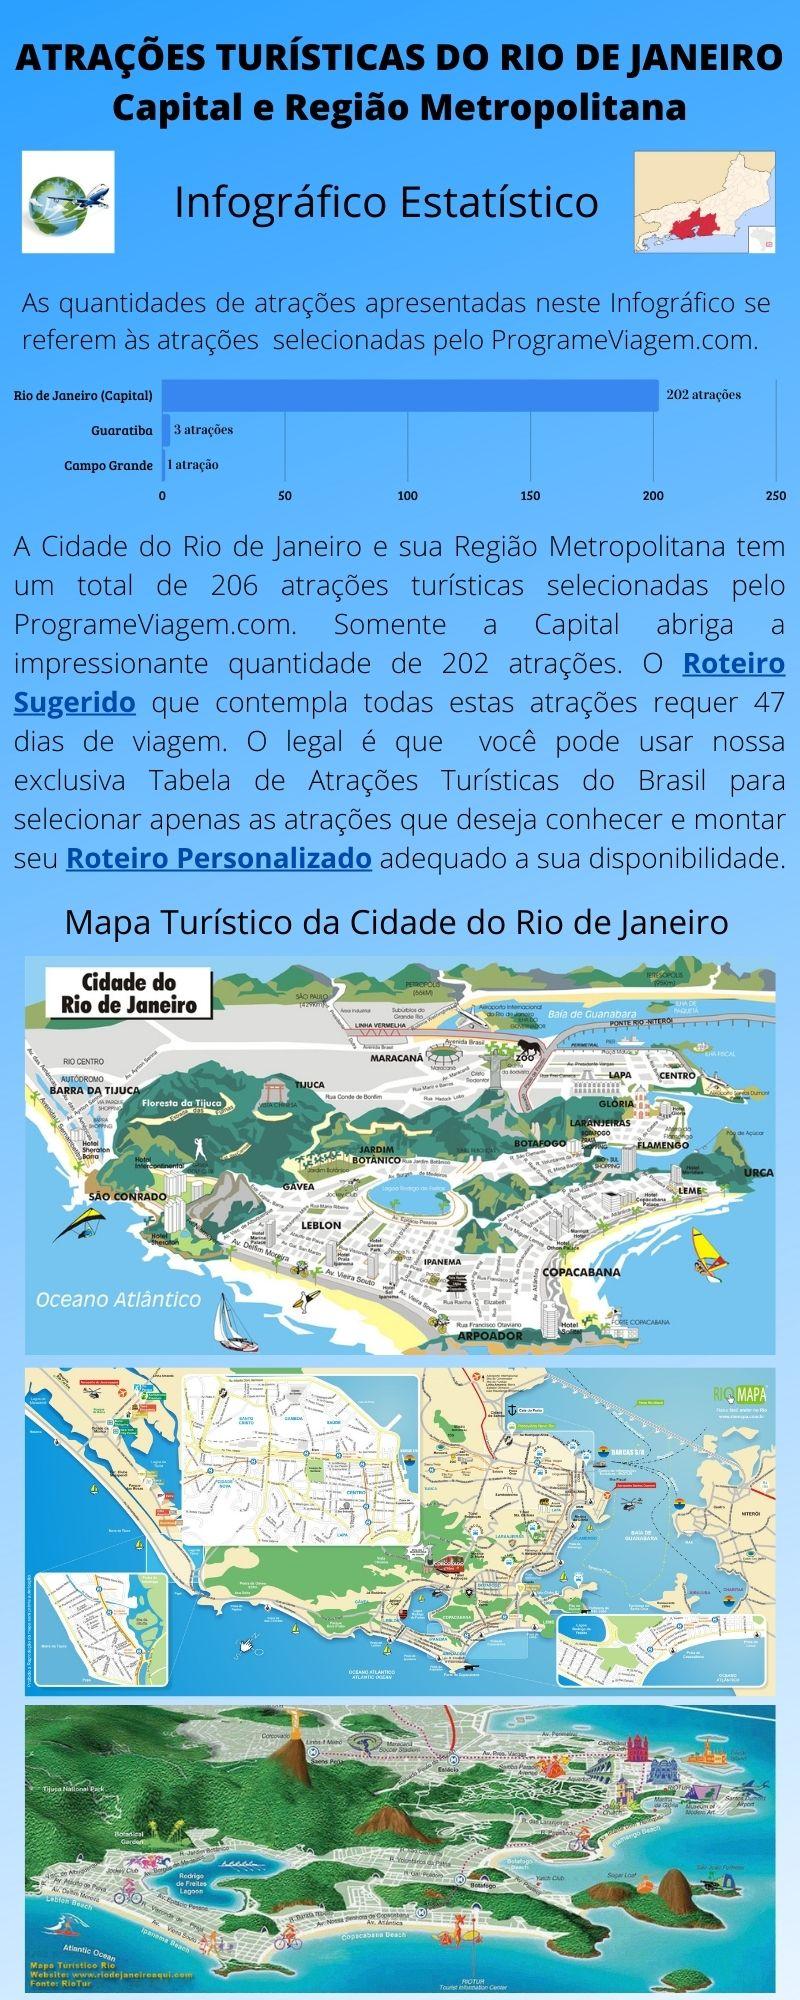 Infográfico Atrações Turísticas do Rio de Janeiro (Capital e Metropolitana)